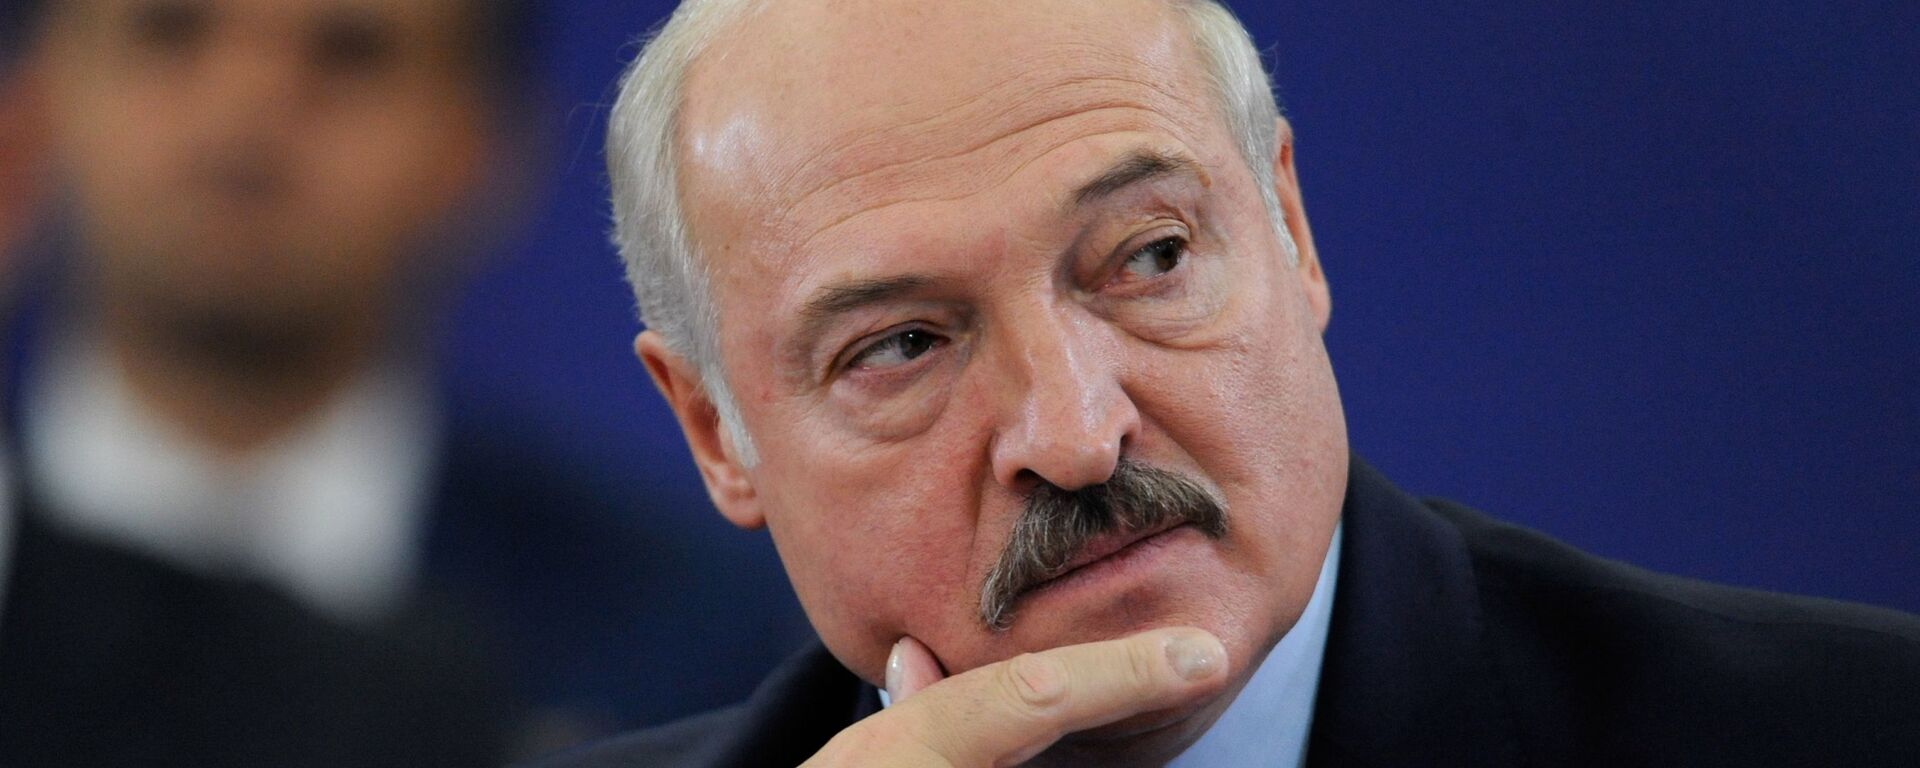 Alexandr Lukashenko, el presidente de Bielorrusia - Sputnik Mundo, 1920, 09.08.2021